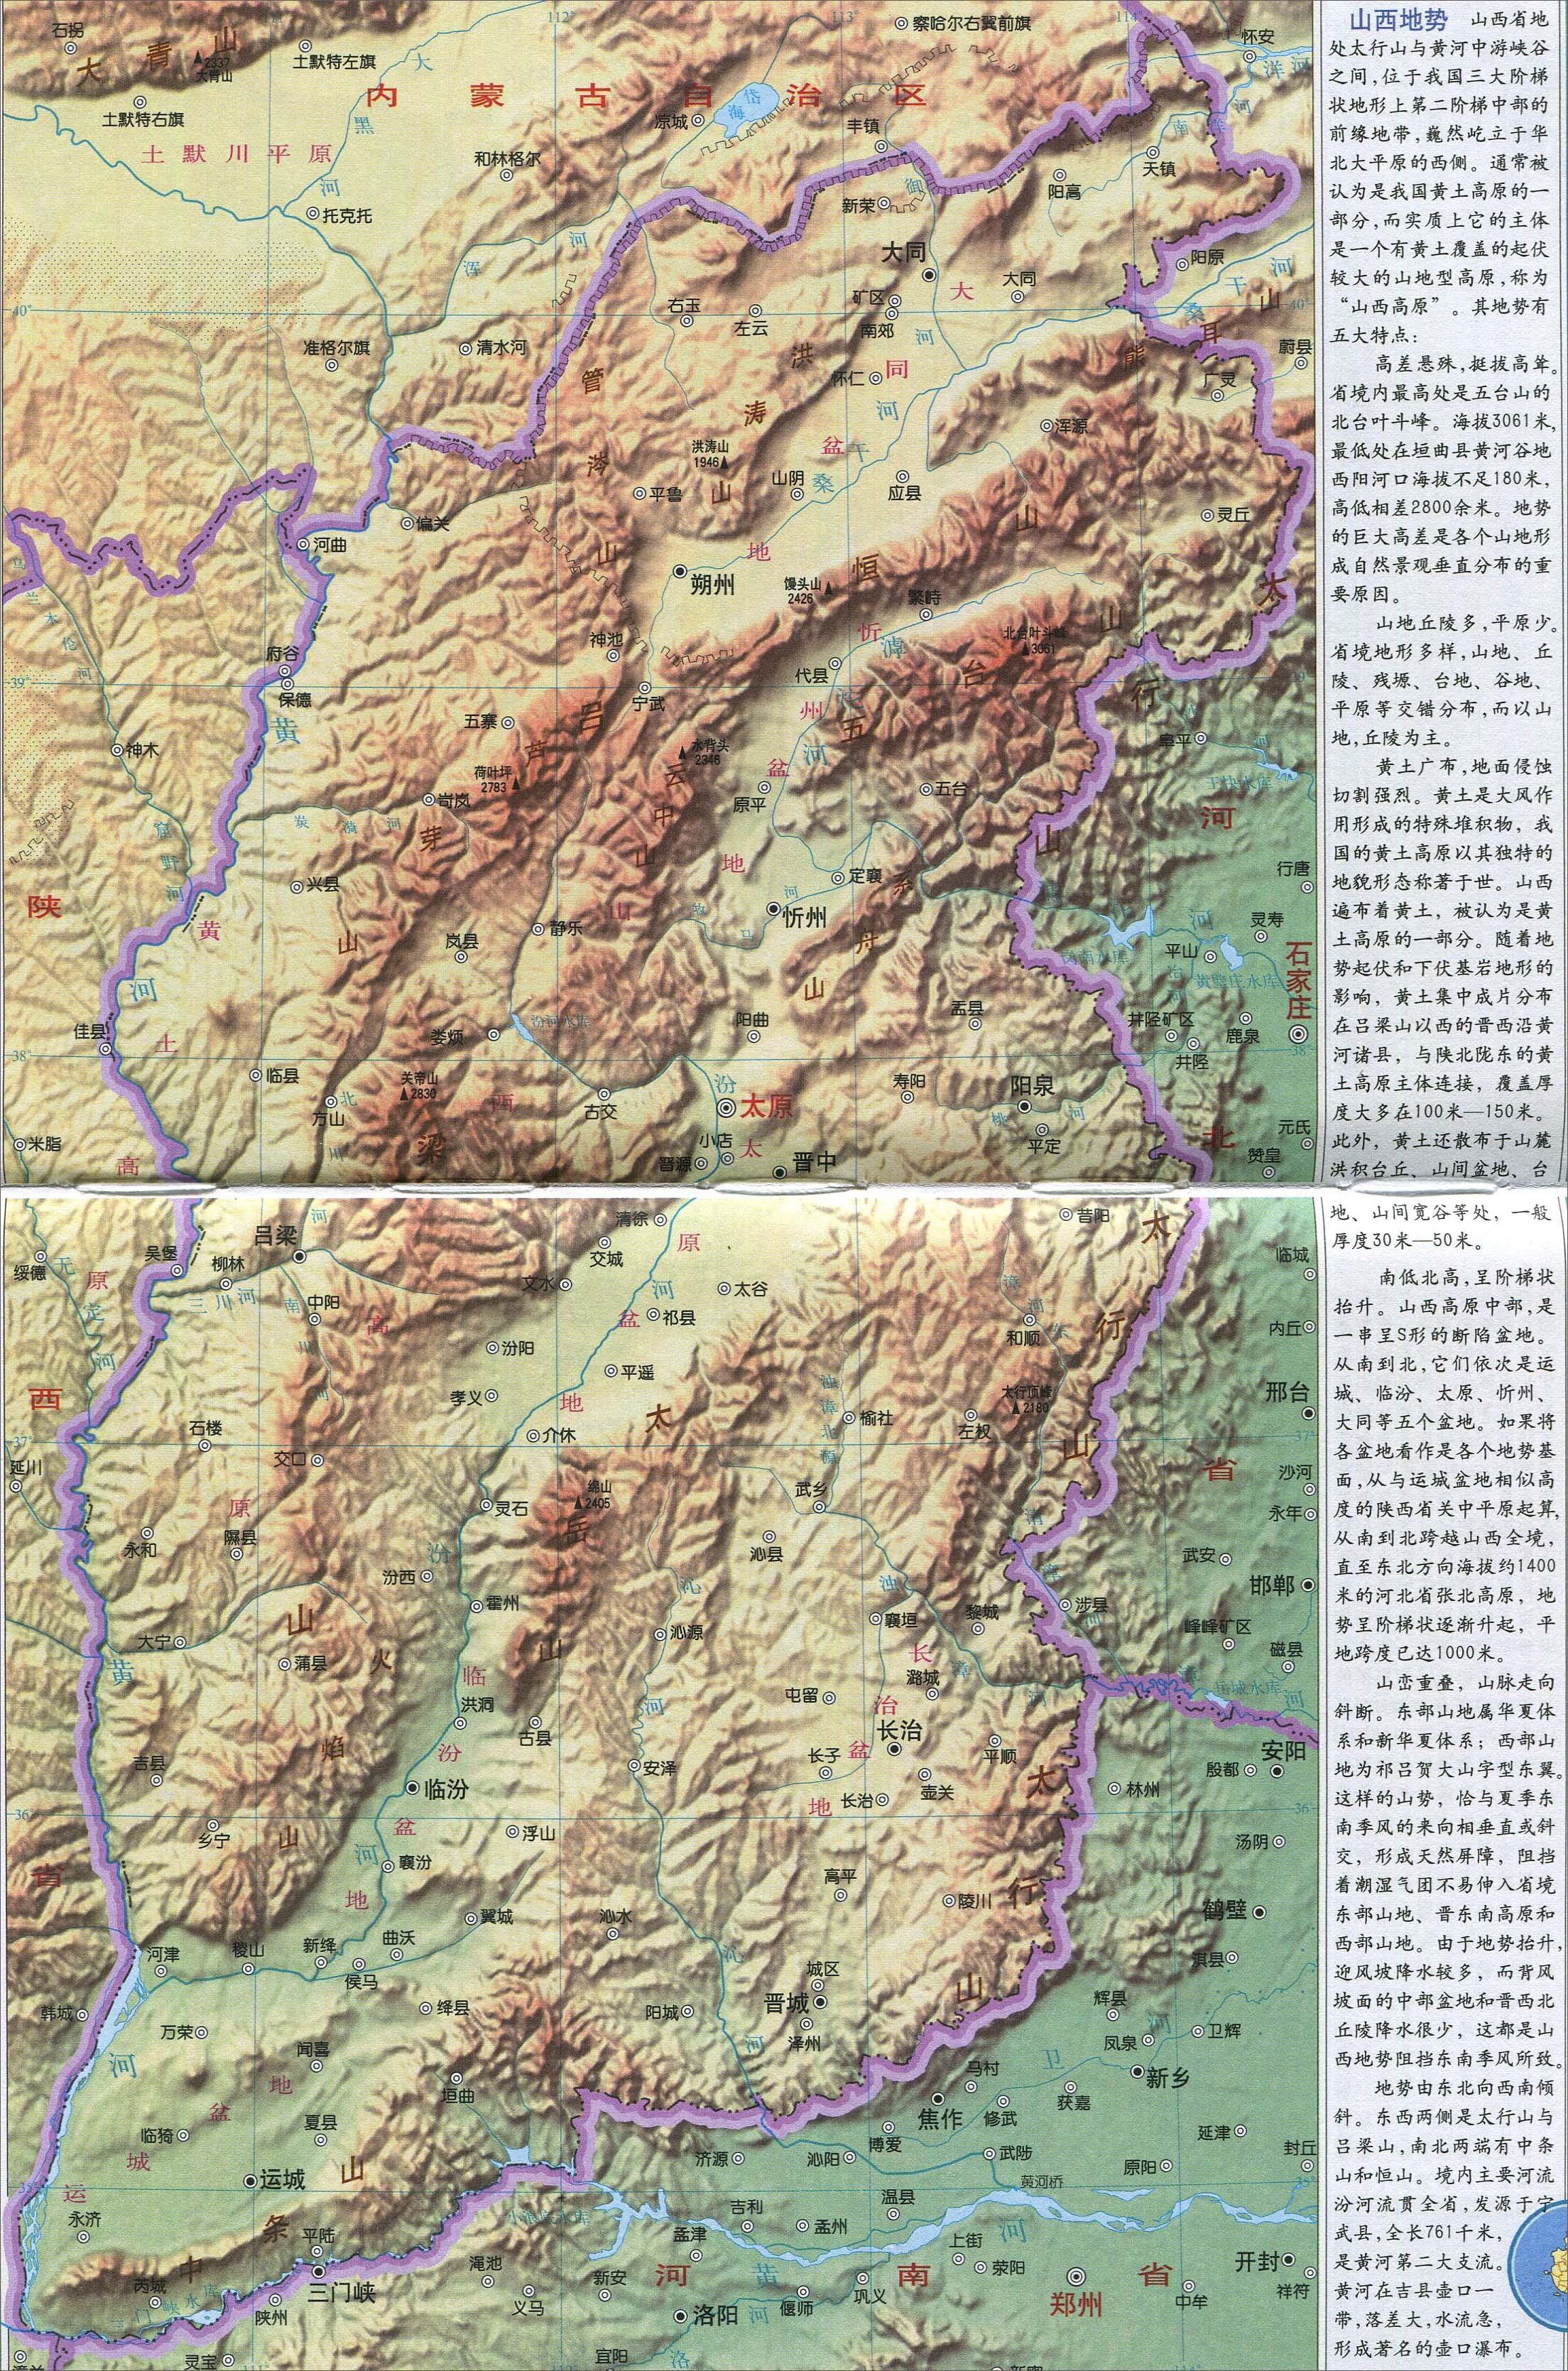 > 山西地图